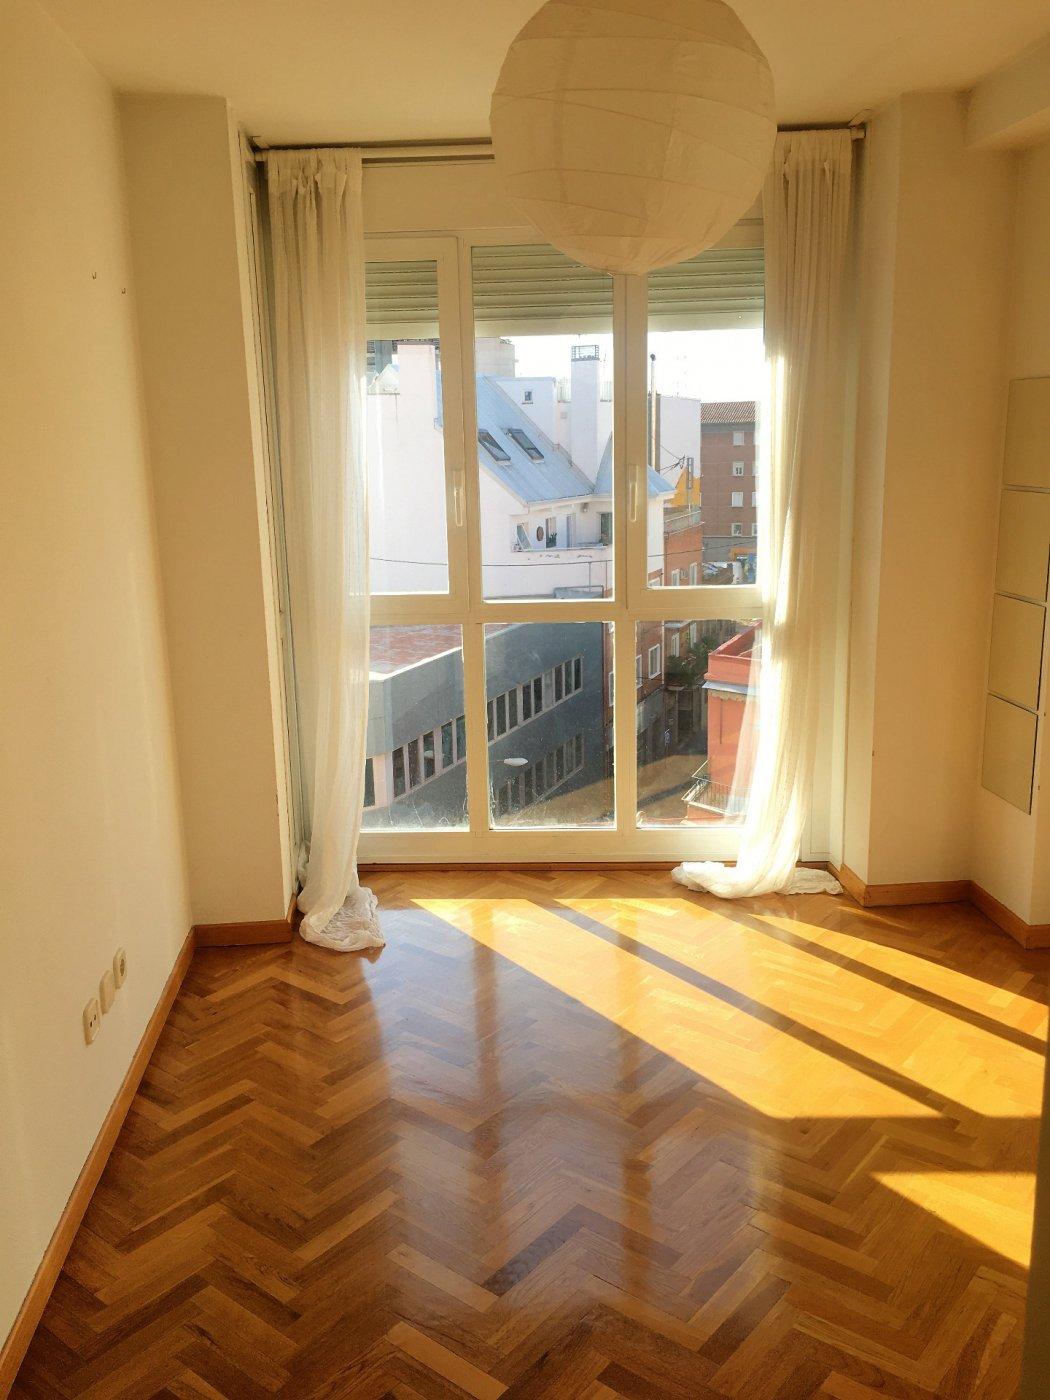 Bonito apartamento en  zona de costillares tetuan cuzco - imagenInmueble6